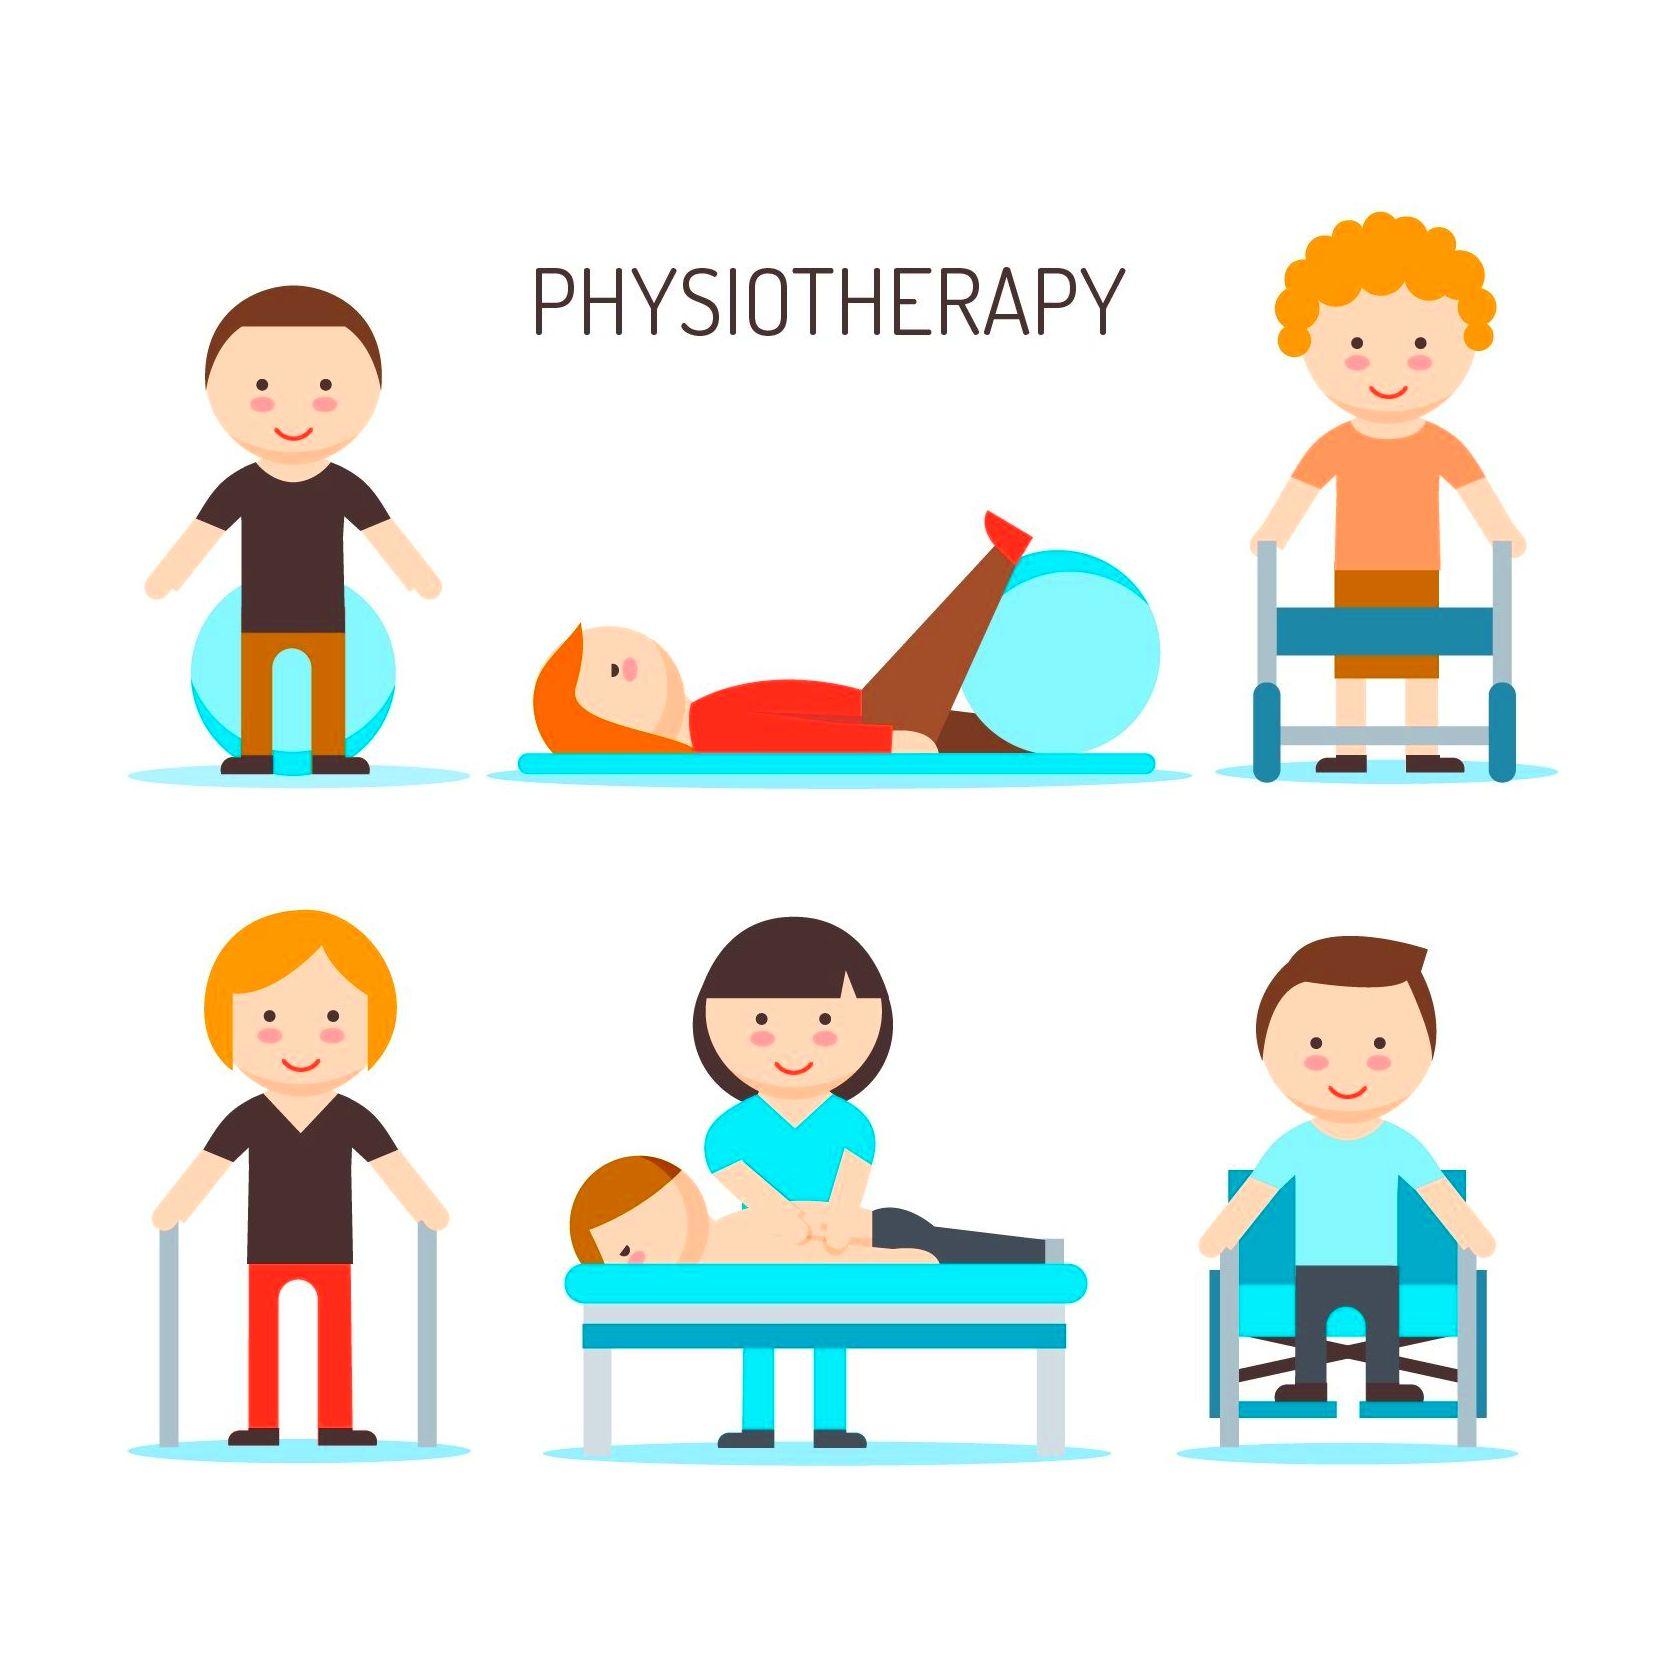 Un buen fisioterapeuta nos ayuda a tener una mejor calidad de vida